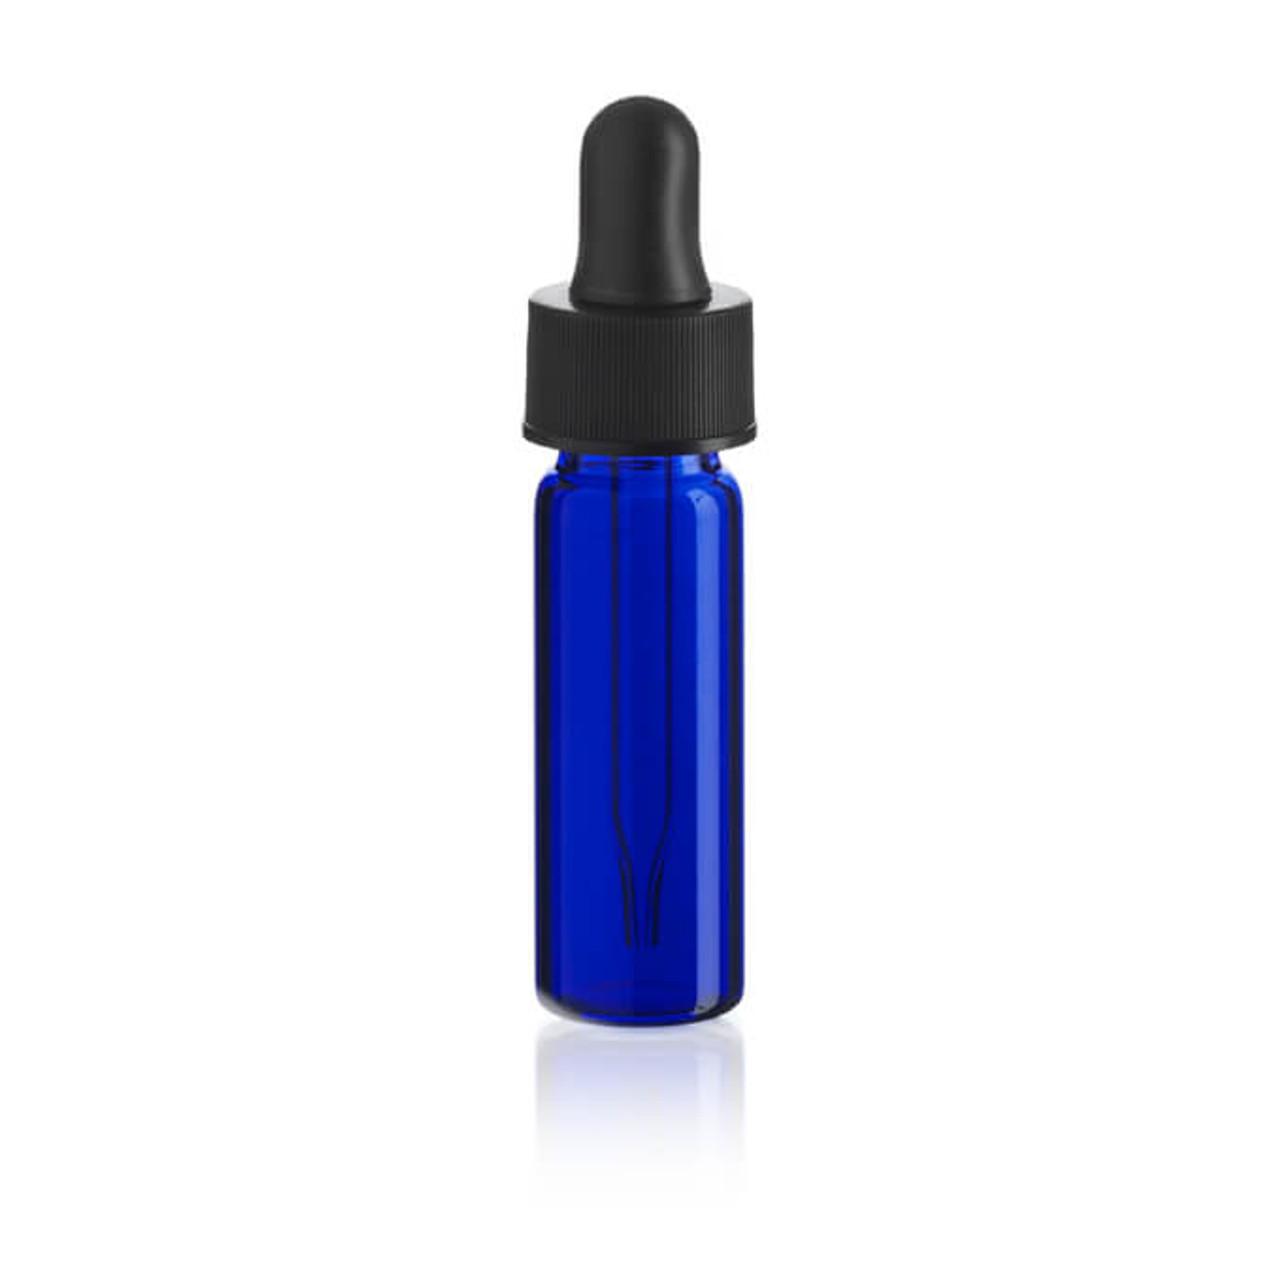 1 dram cobalt blue glass vials with dropper